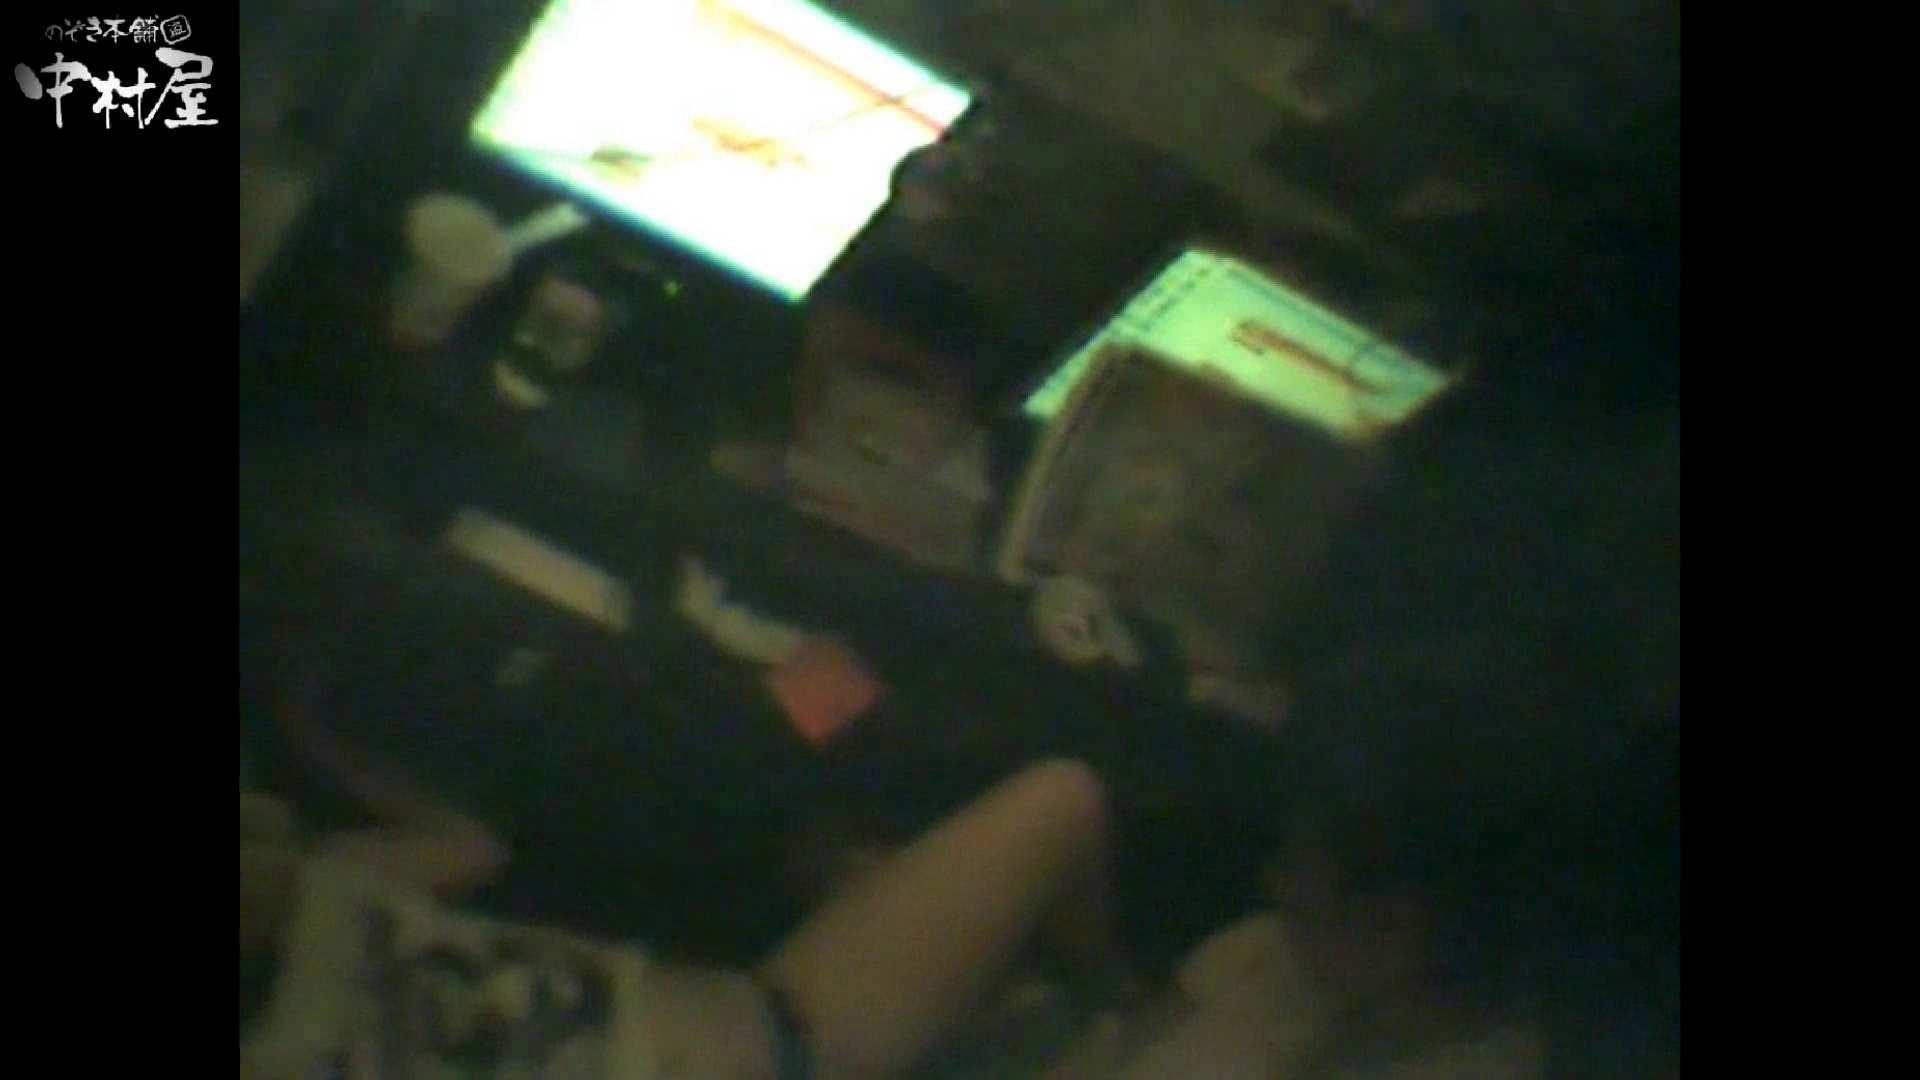 インターネットカフェの中で起こっている出来事 vol.016 卑猥すぎ | カップル映像 のぞき 89PIX 9